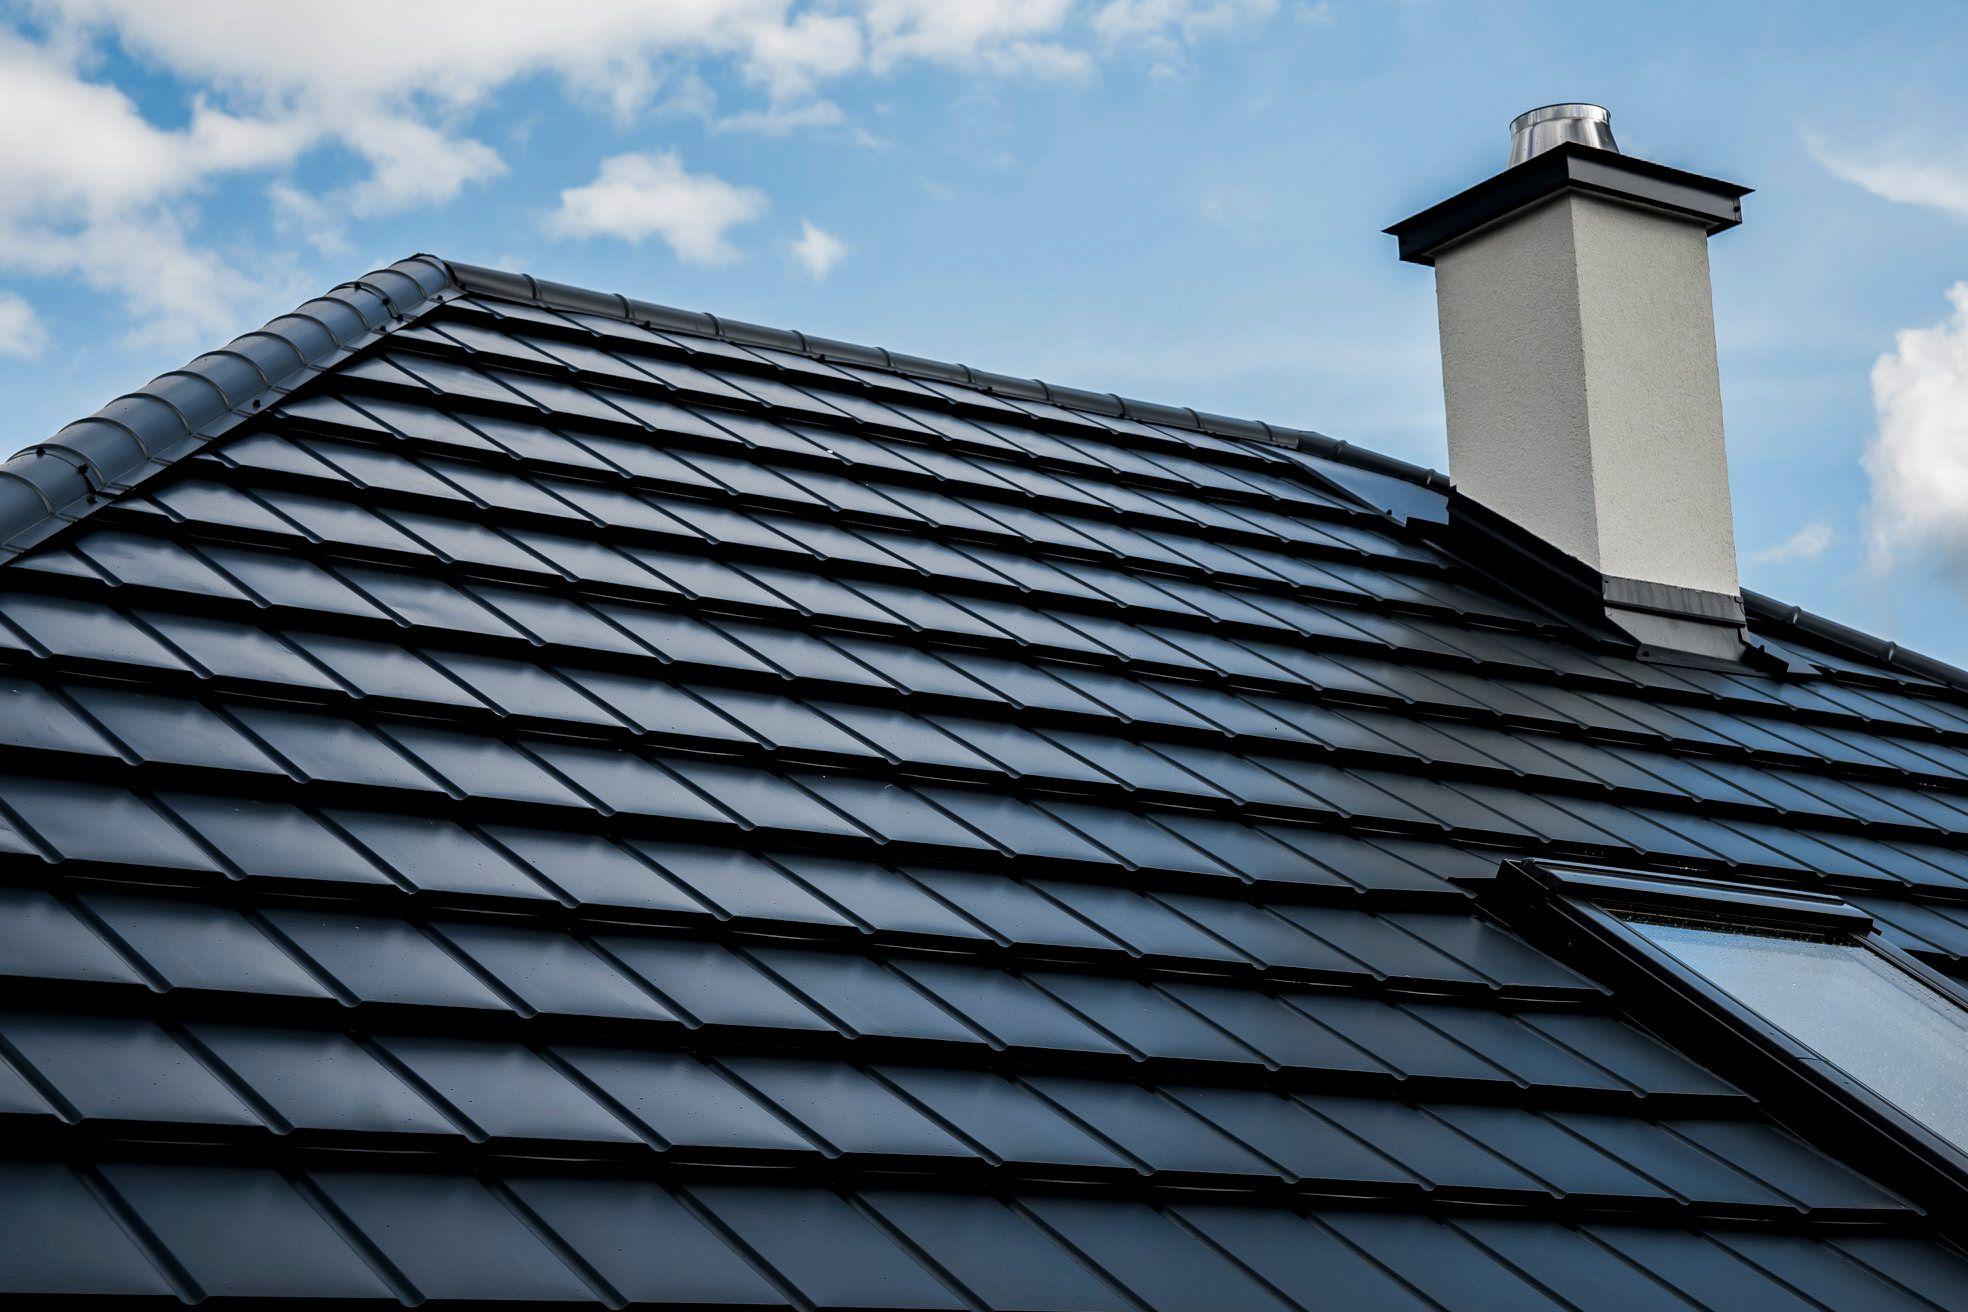 Grupul polonez Impro investește 4 milioane euro în extinderea fabricii de acoperişuri din Cluj